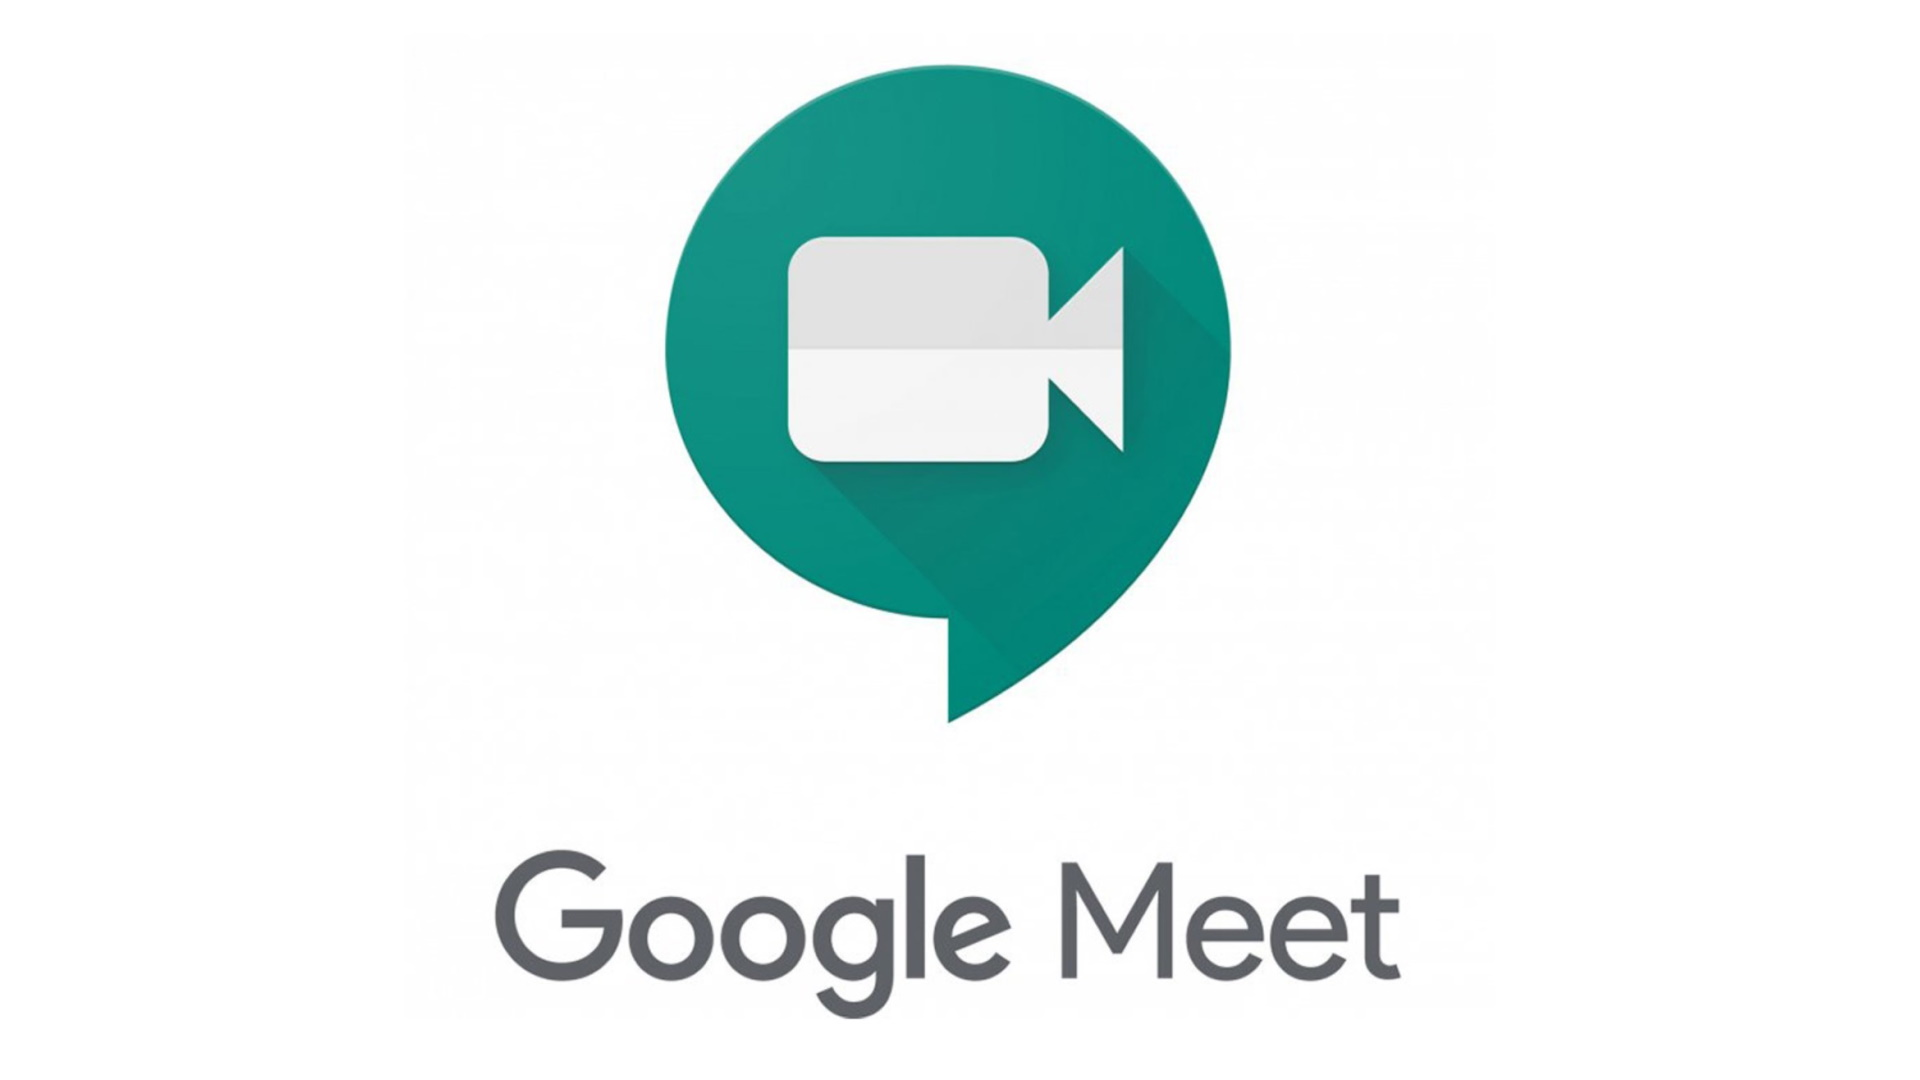 What is Google Meet - Logo